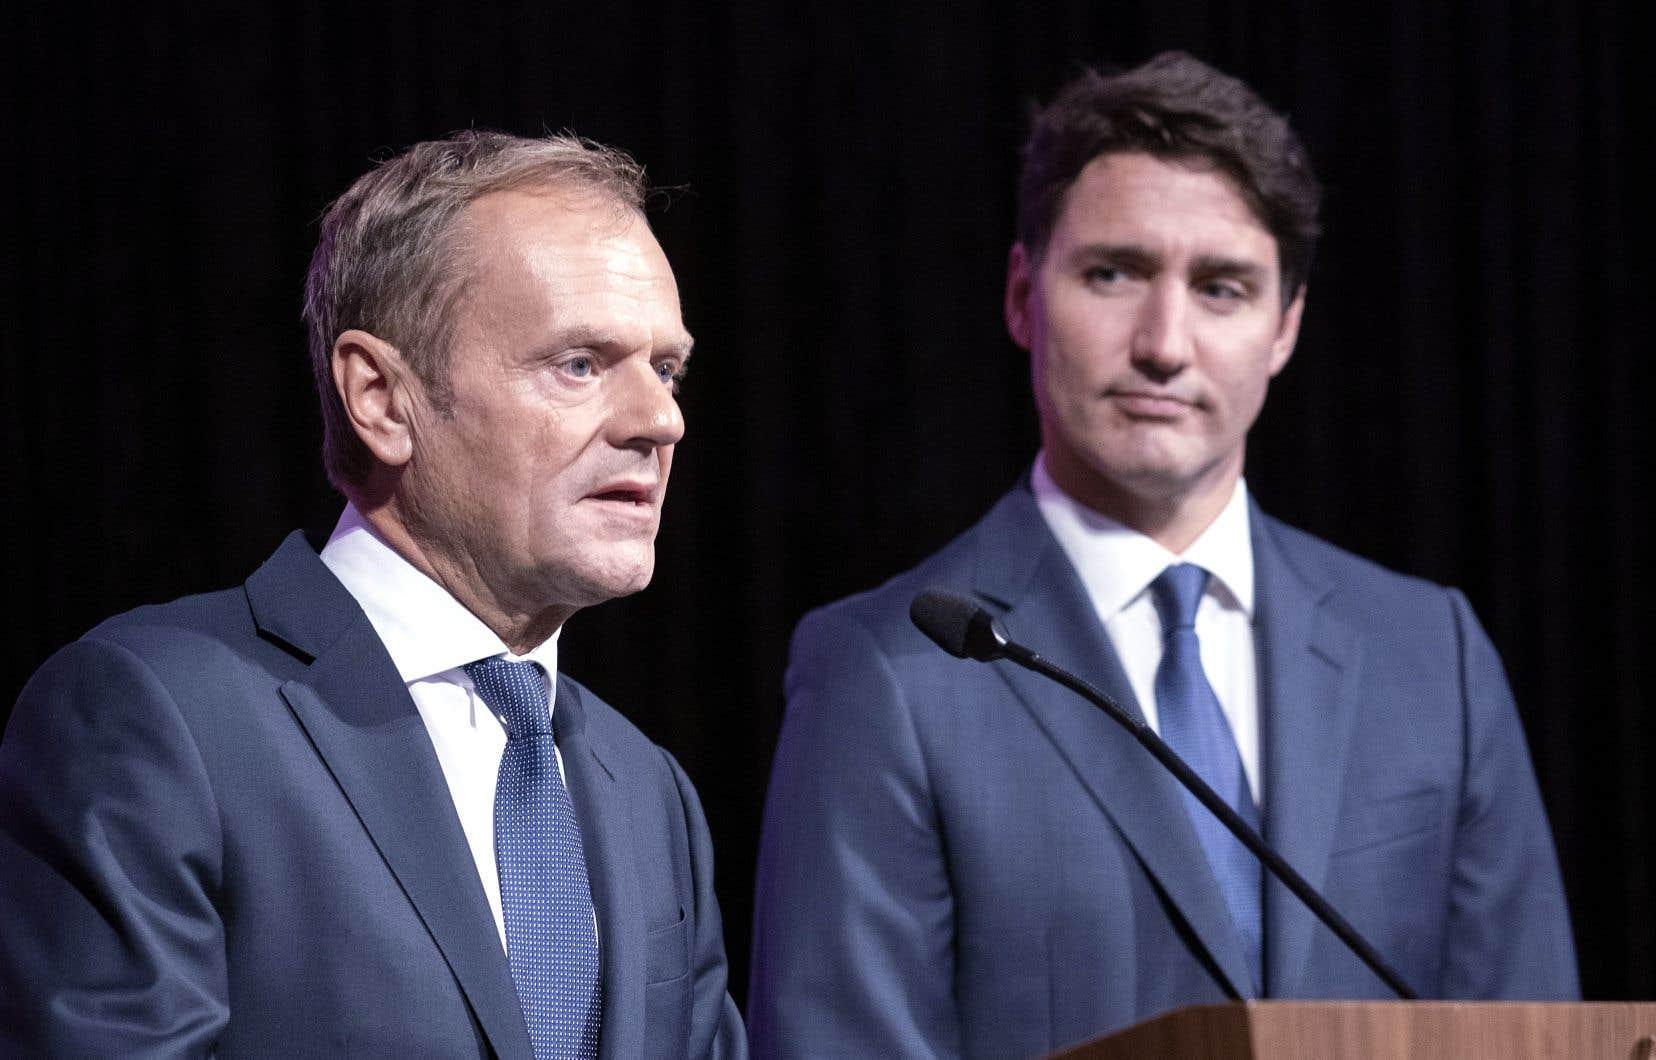 Le premier ministre canadien doit faire la promotion de l'Accord économique et commercial global (AECG) avec le président du Conseil européen, Donald Tusk, dans une série d'événements à Montréal mercredi et jeudi.